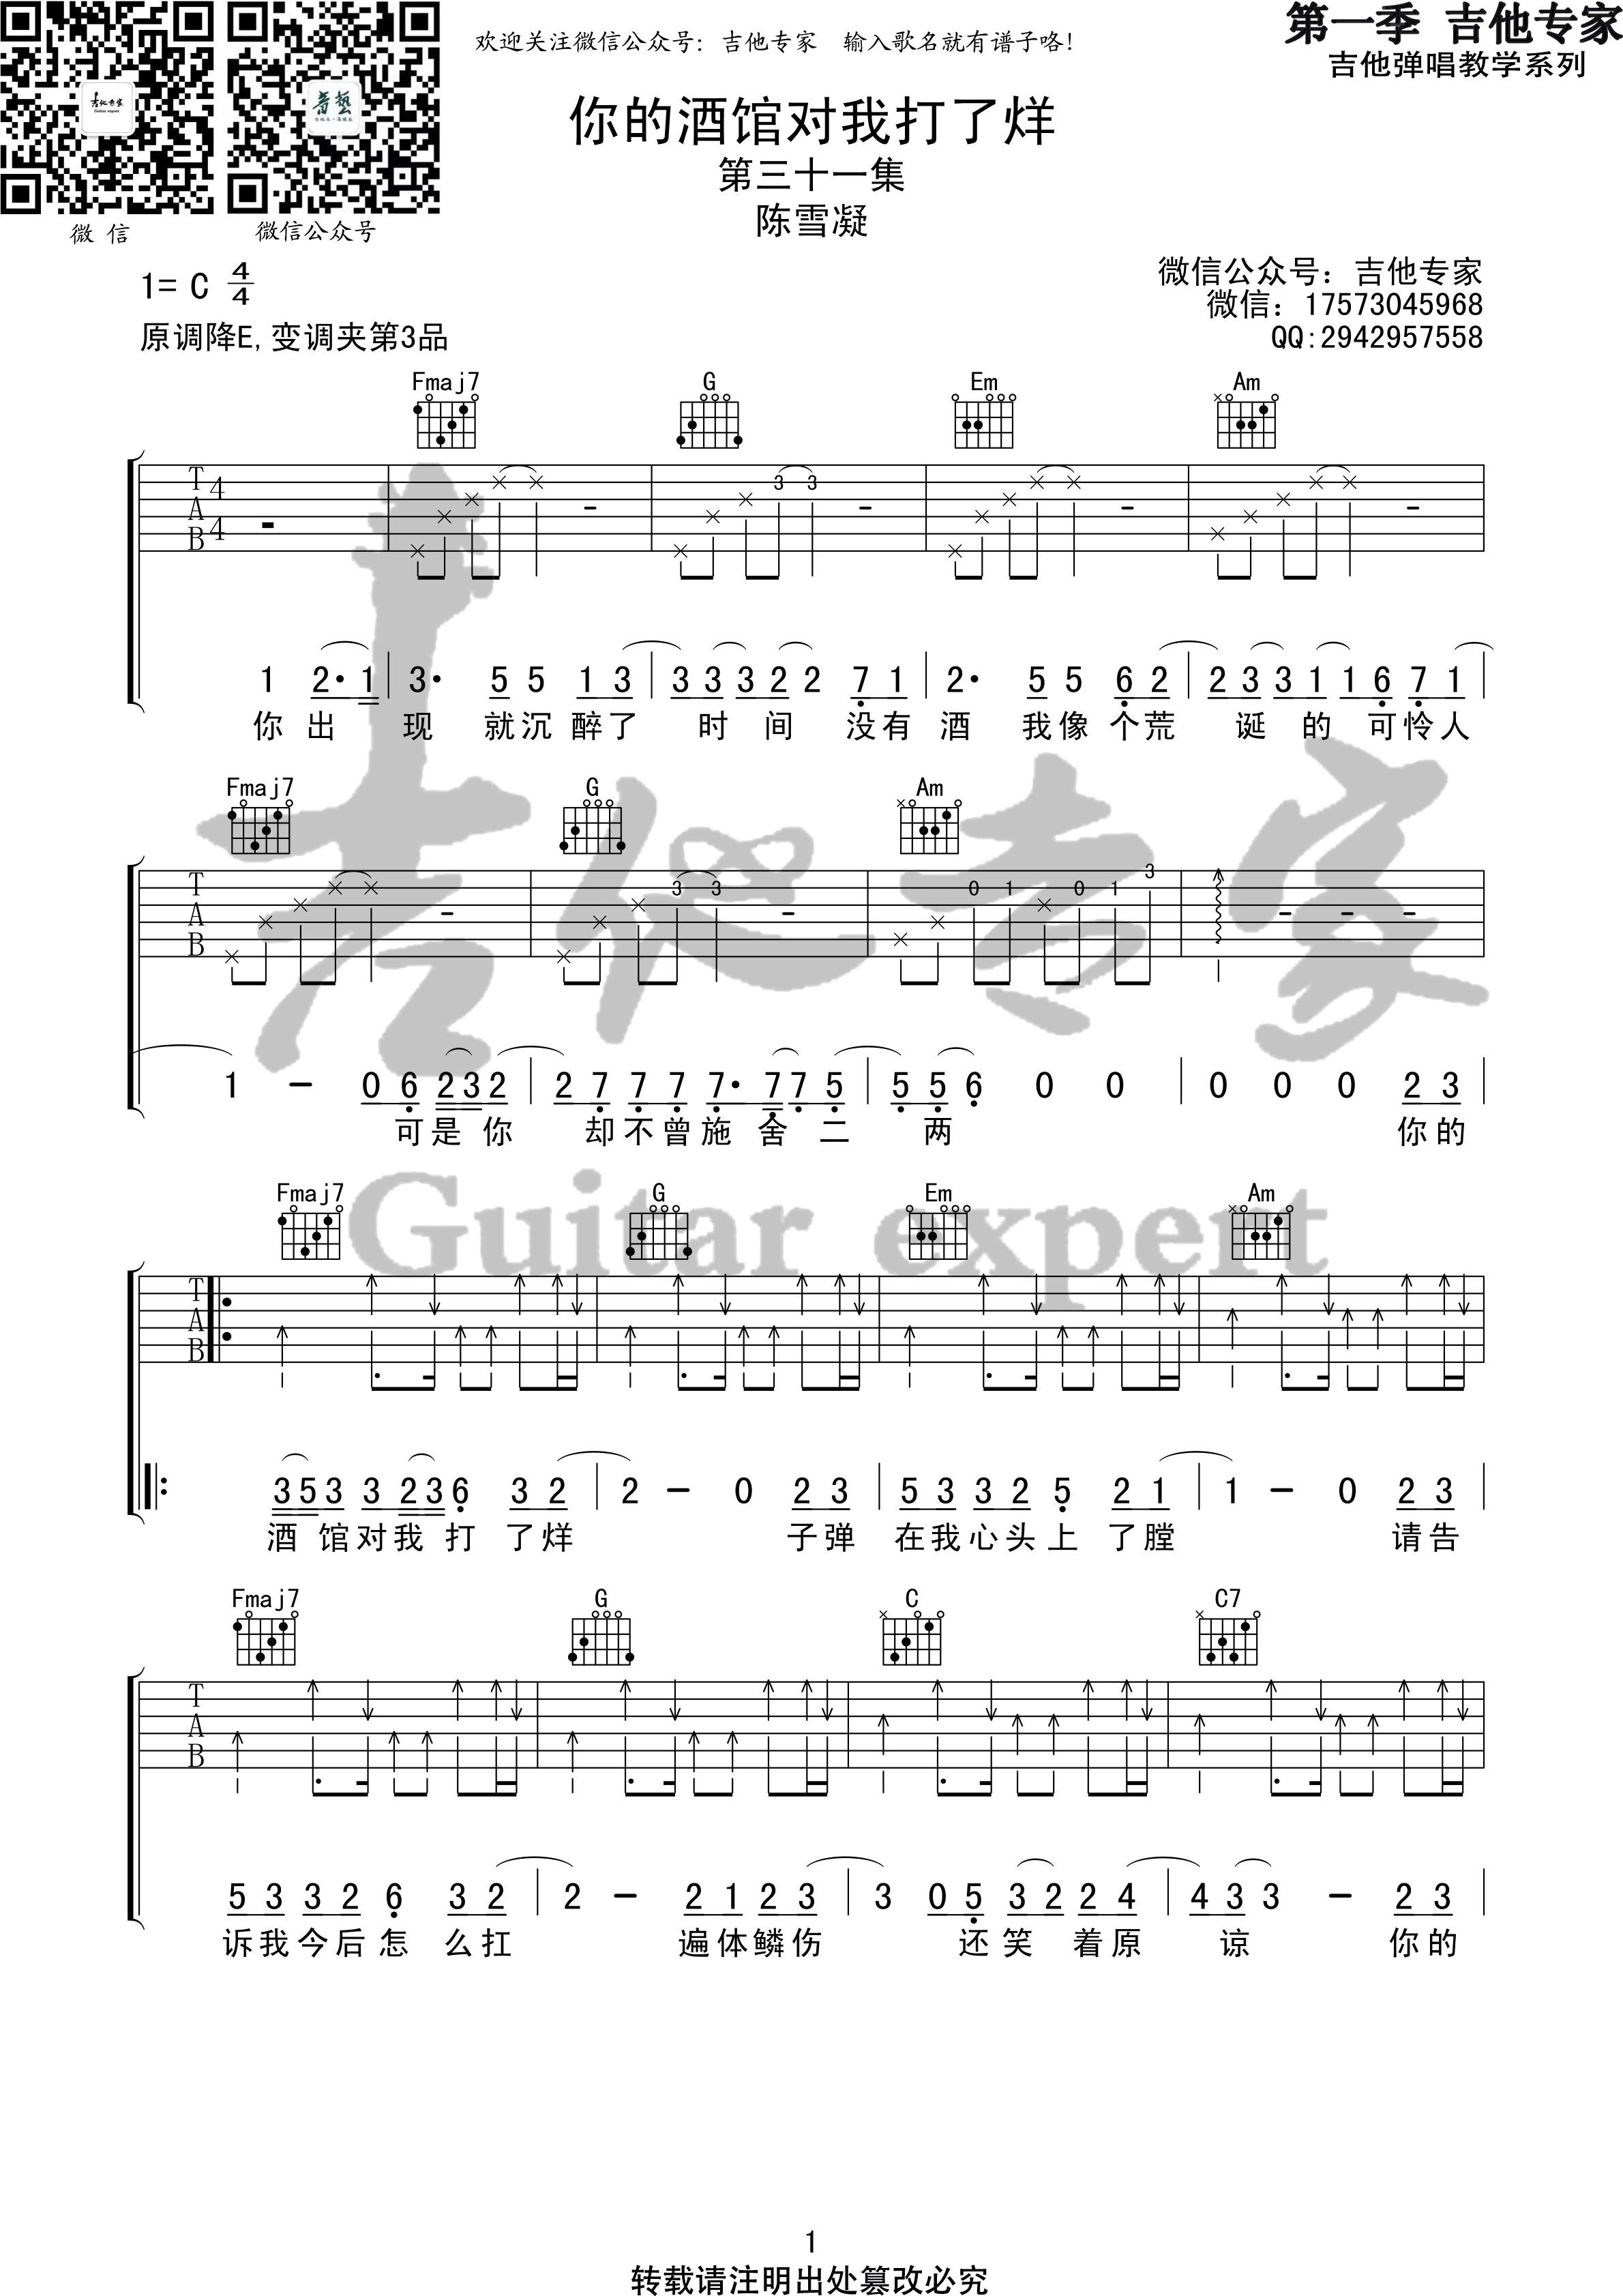 陈雪凝《你的酒馆对我打了烊》吉他谱 C调高清吉他弹唱谱1